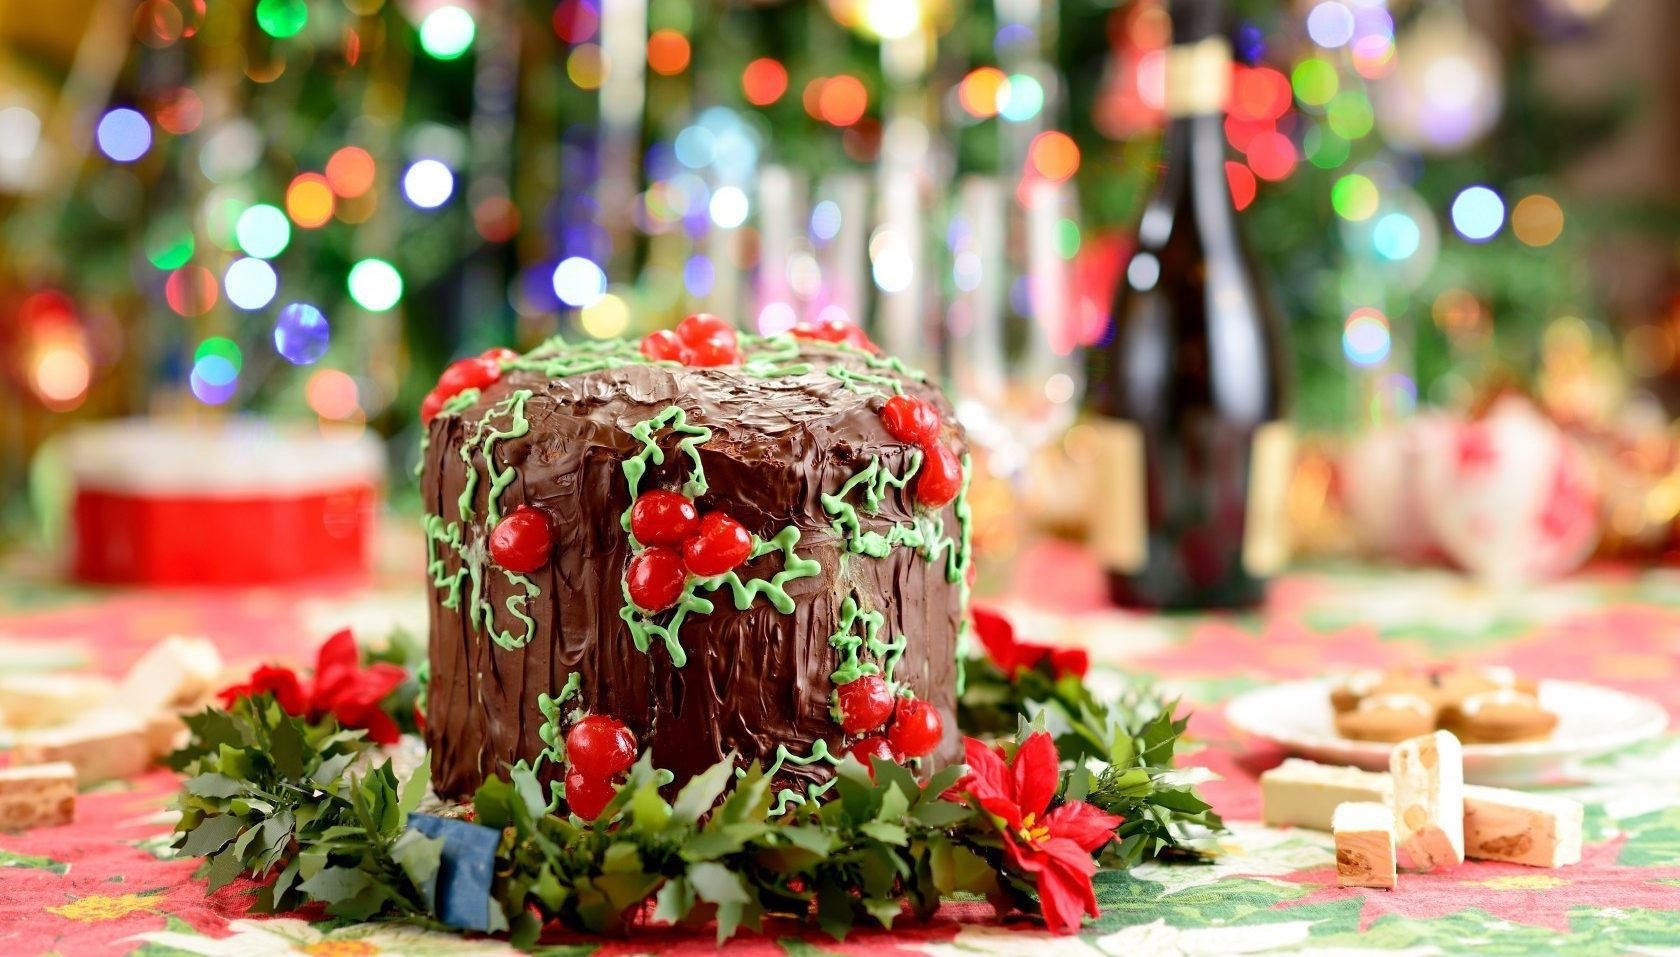 Das Geheimnis hinter einem wohlschmeckenden Weihnachtsessen im Kreis von Ihren Lieben liegt in dem entgegenfiebernden Nachtisch.